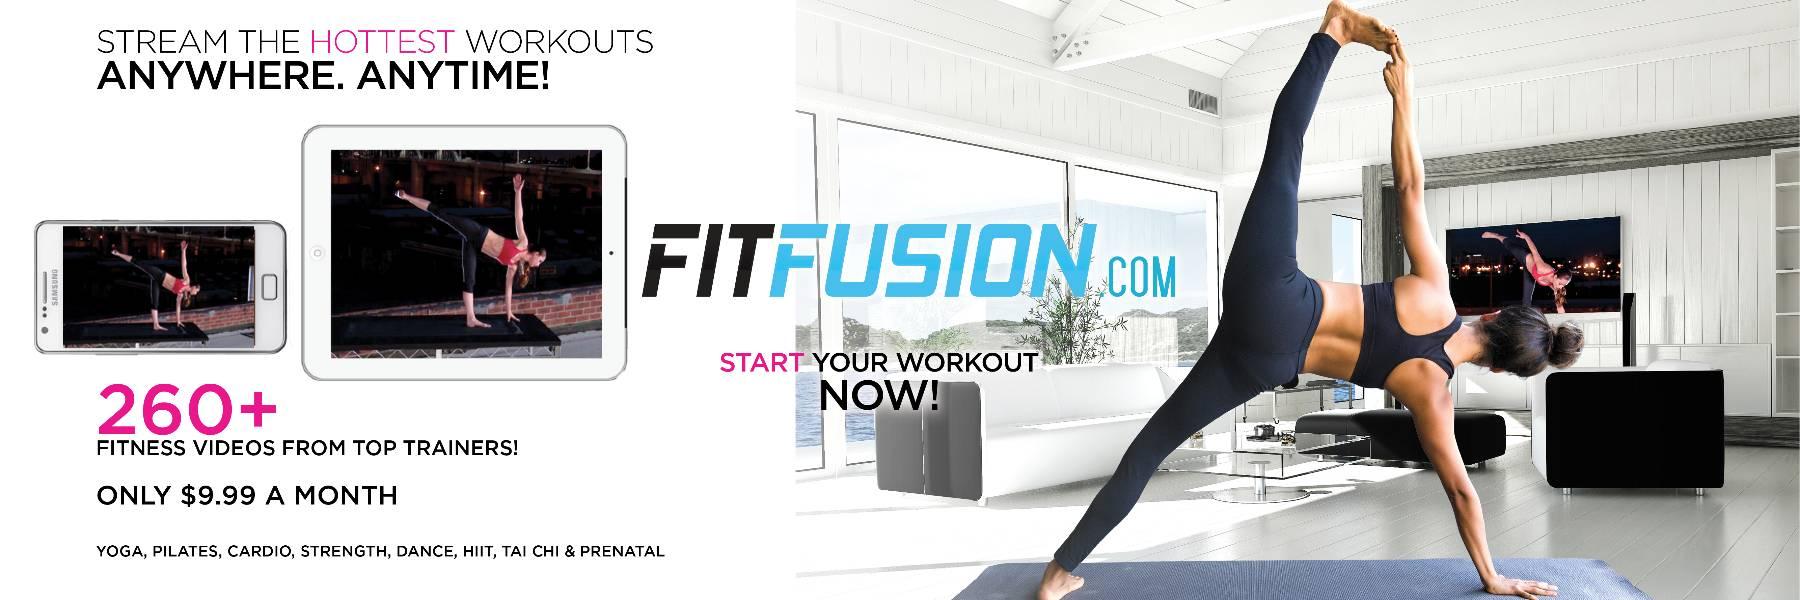 Yoga, Pilates, Cardio, Strength and More!